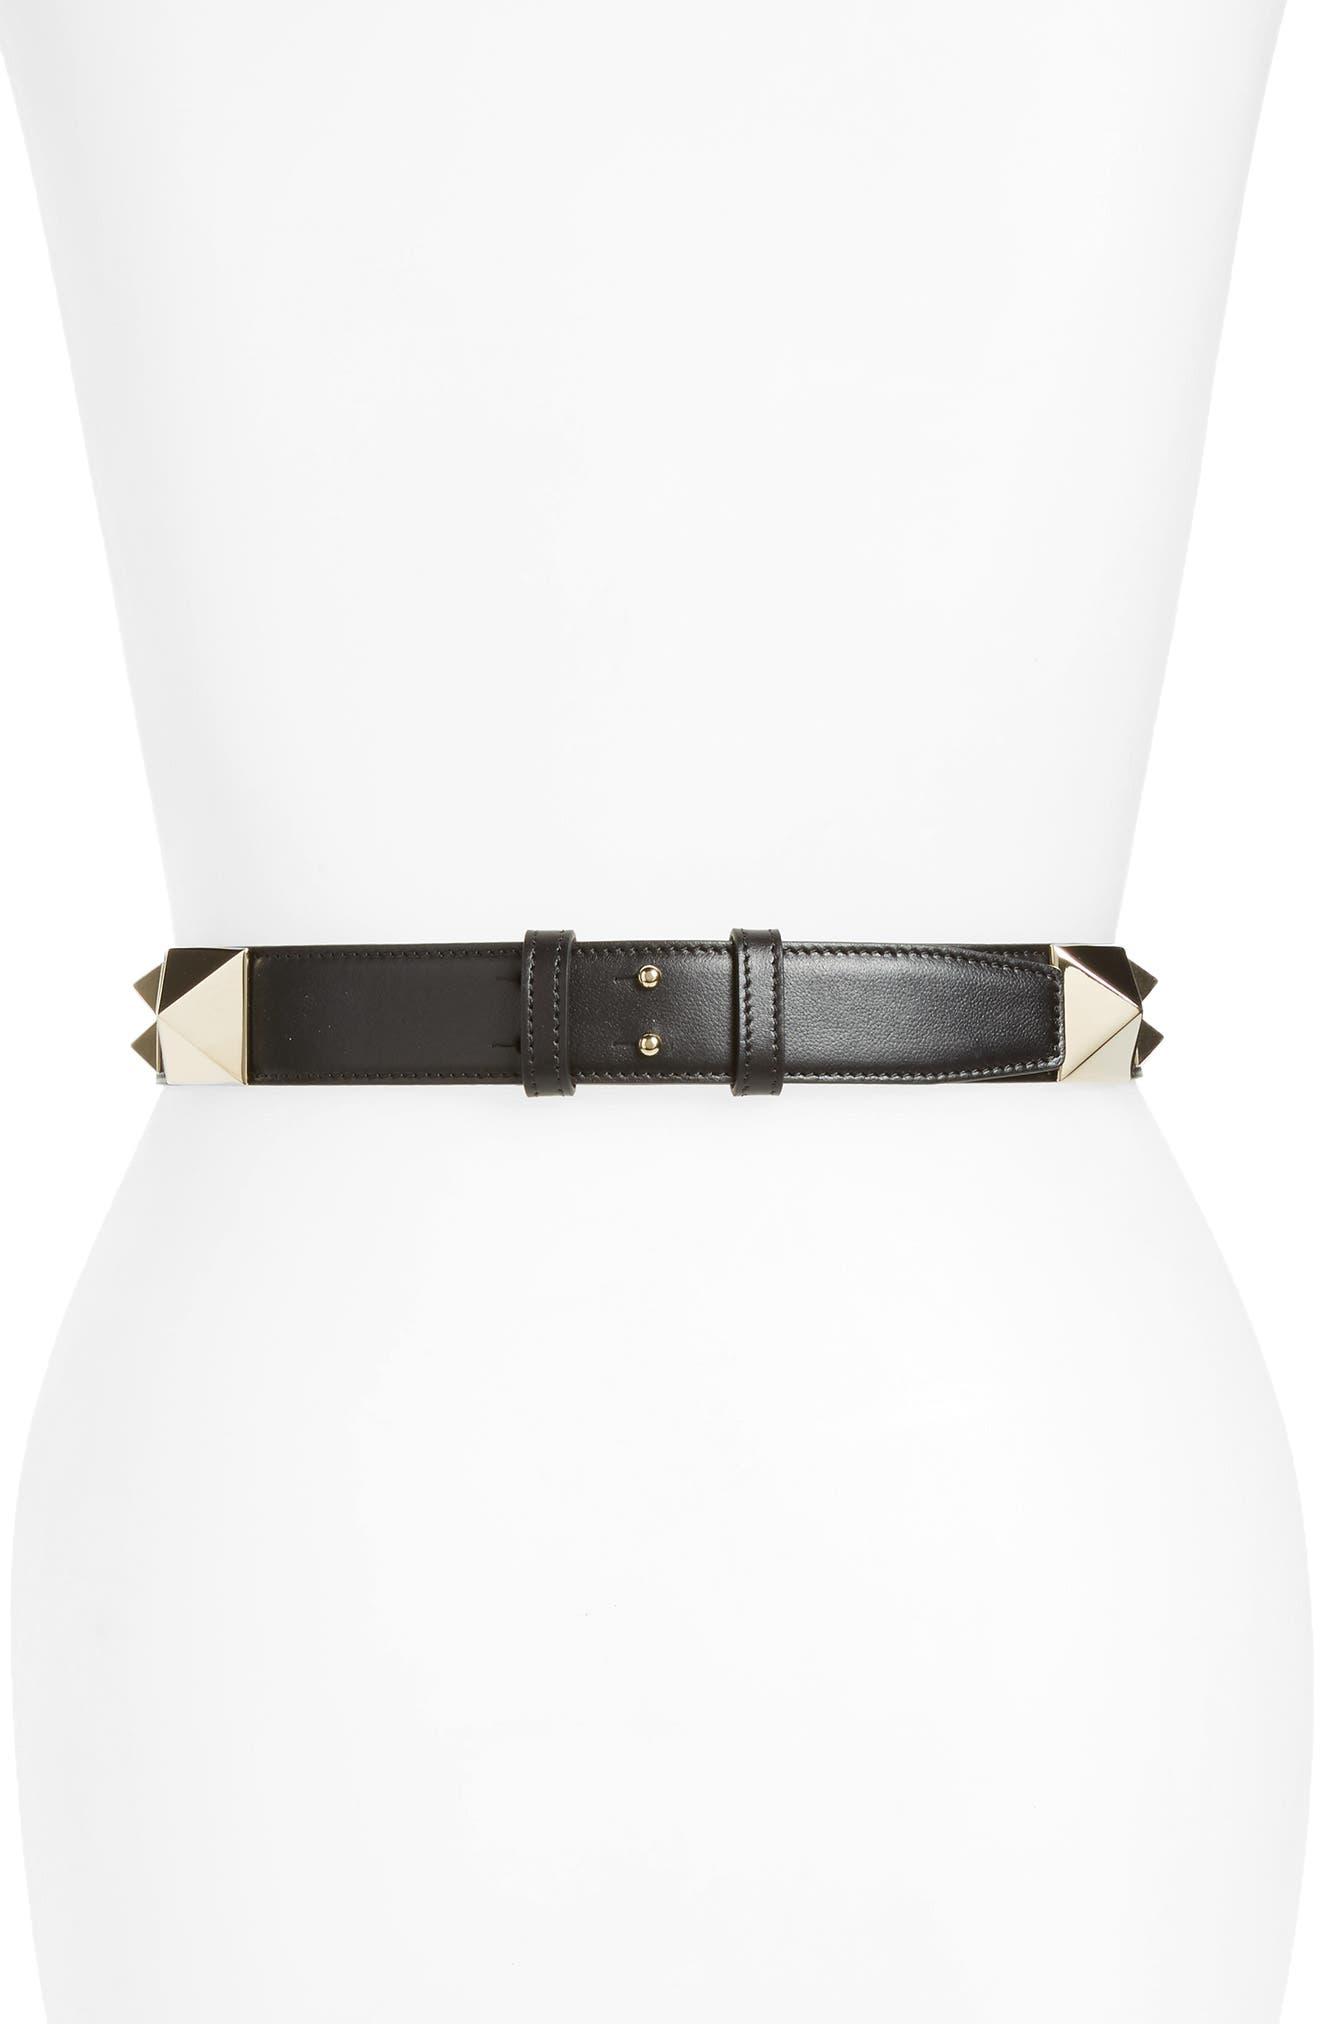 GARAVANI Lovestud Calfskin Leather Belt,                             Alternate thumbnail 2, color,                             001